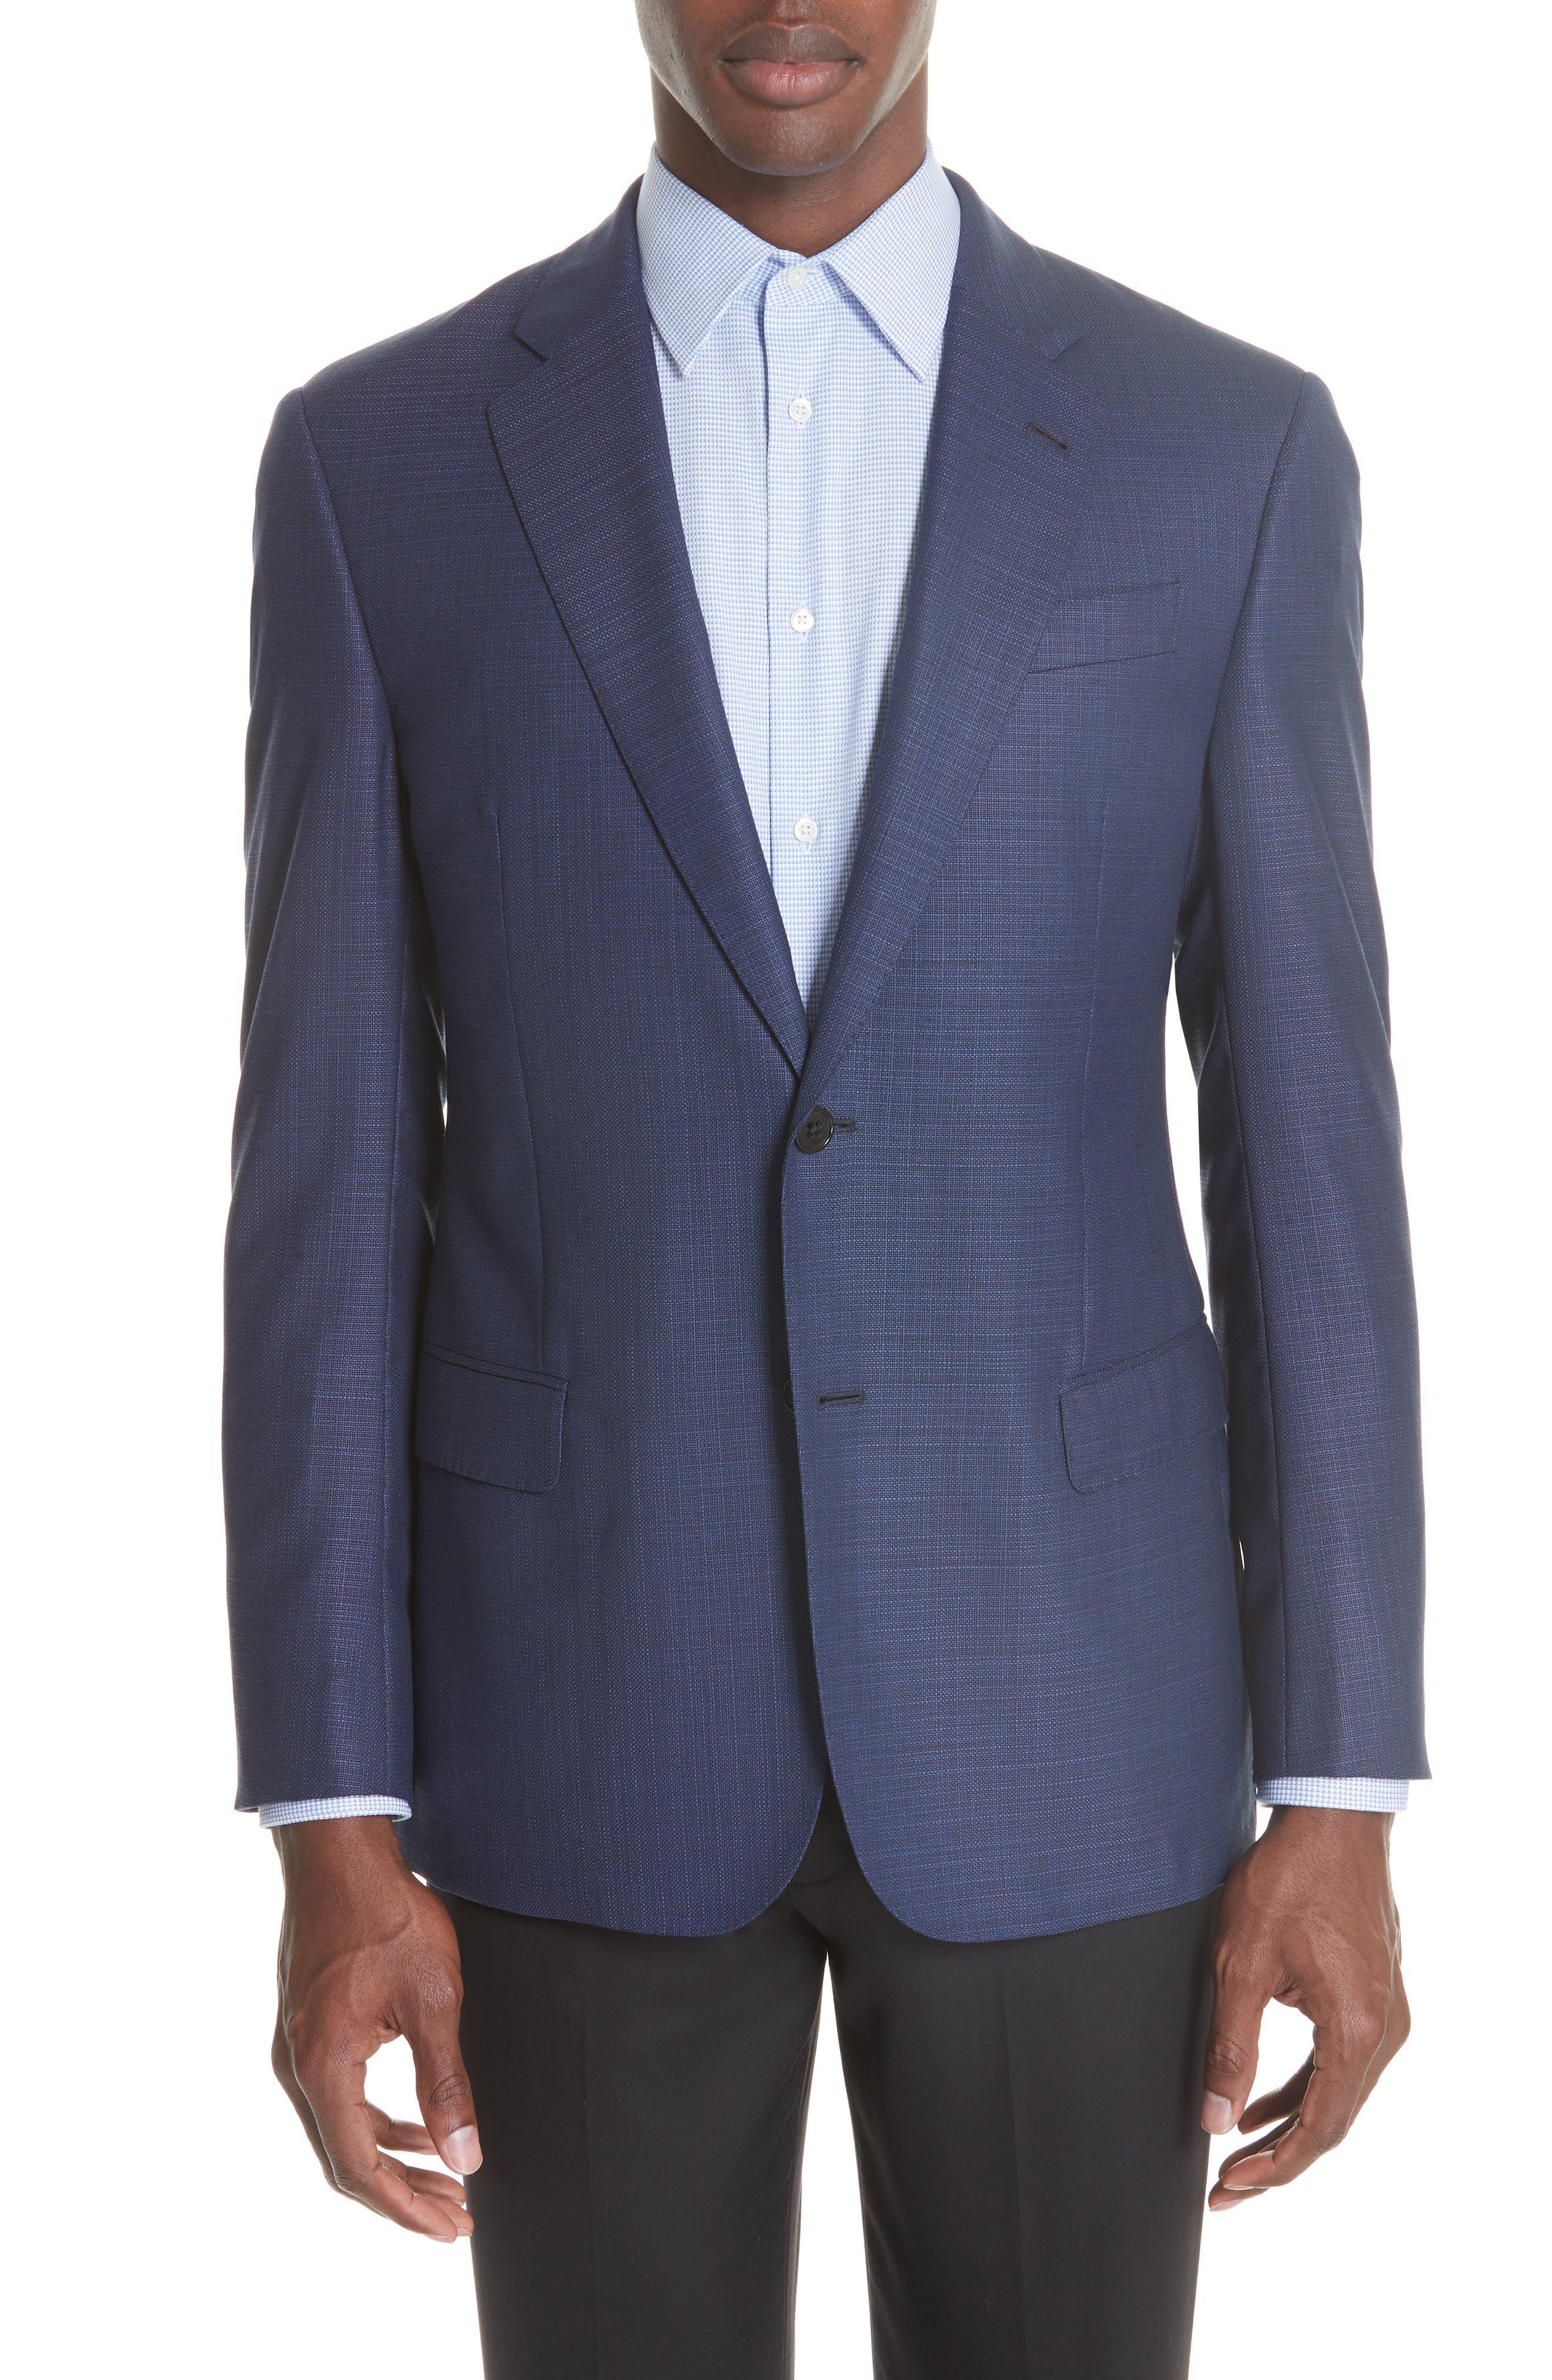 G Line Trim Fit Wool Blazer,                             Main thumbnail 1, color,                             Blue